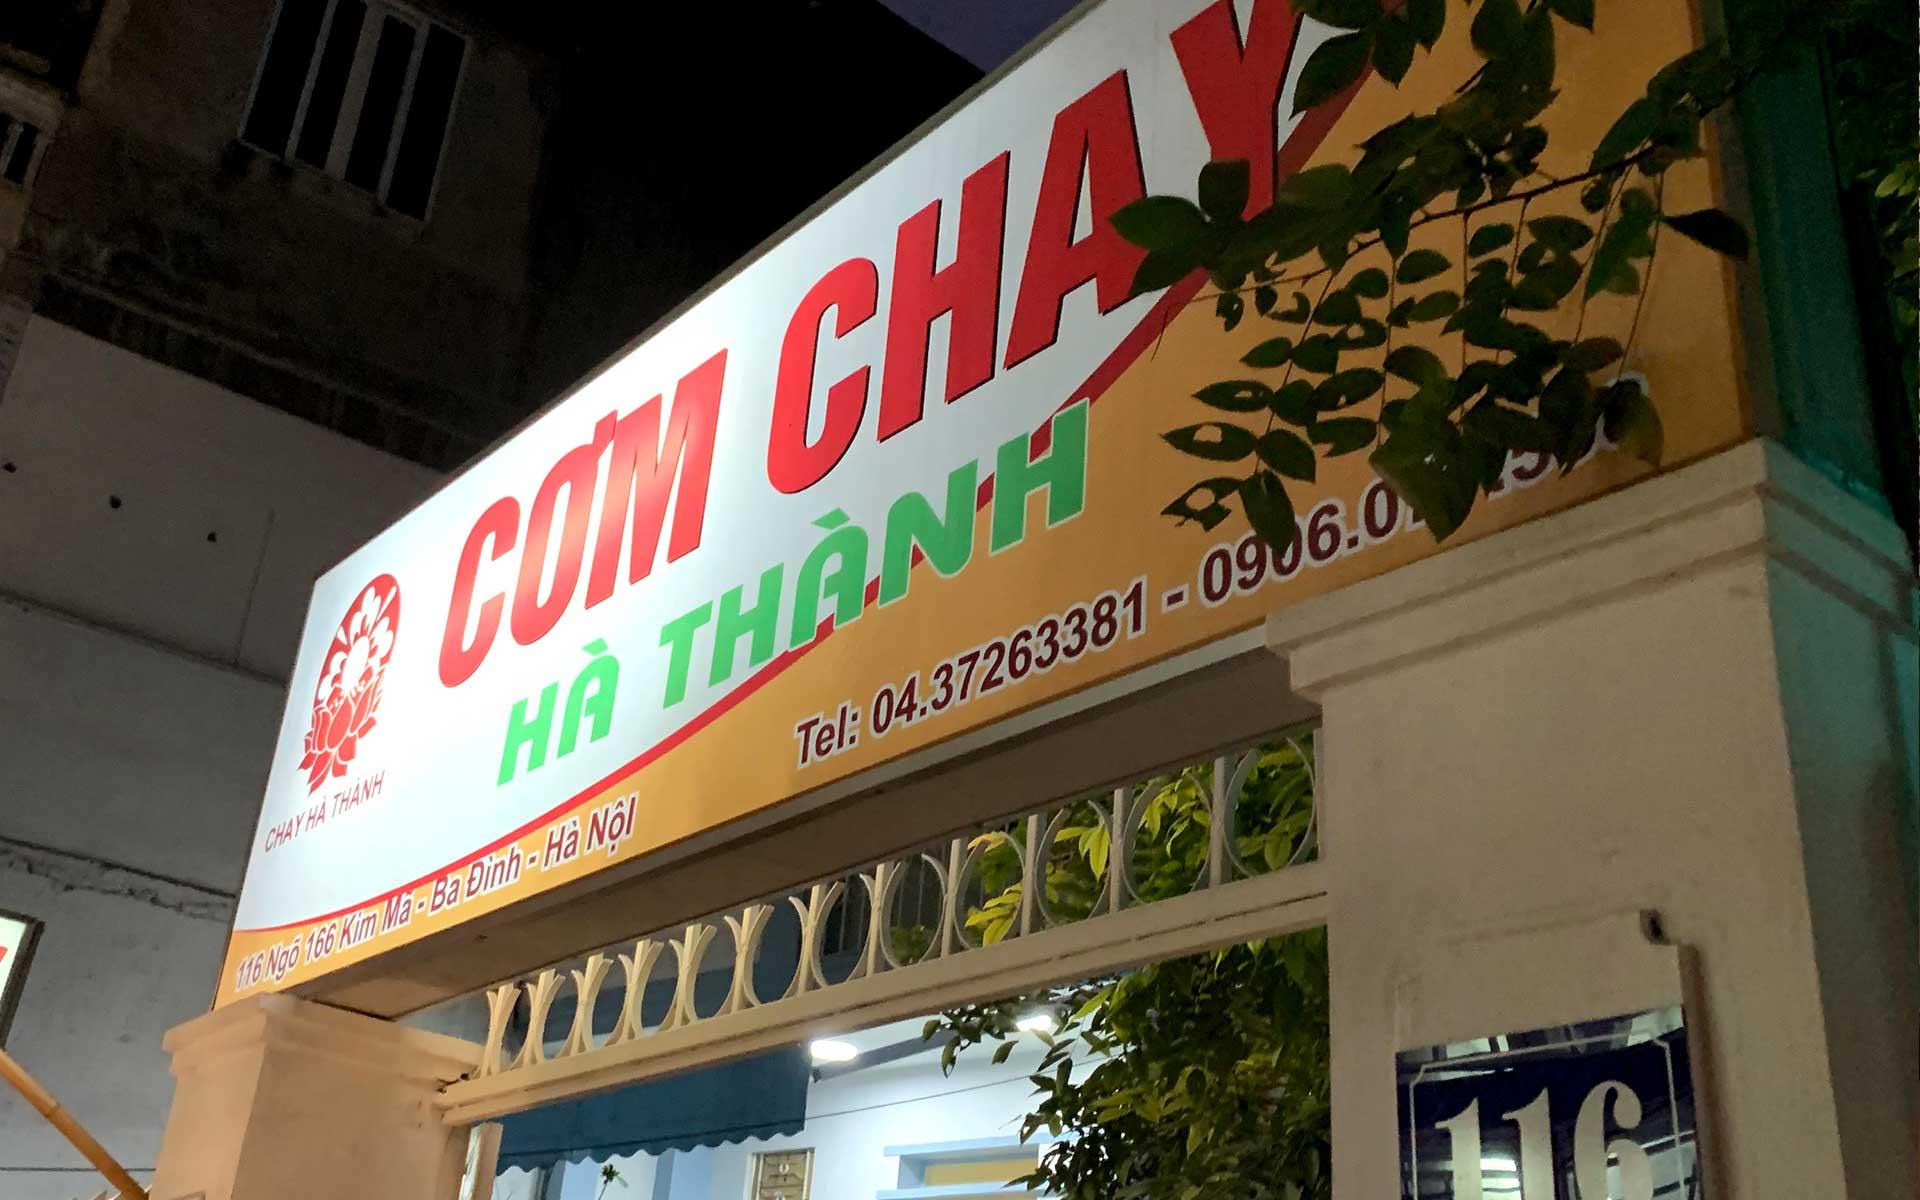 Enjoy wide range of food for different vegetarian meals at Ha Thanh restaurant